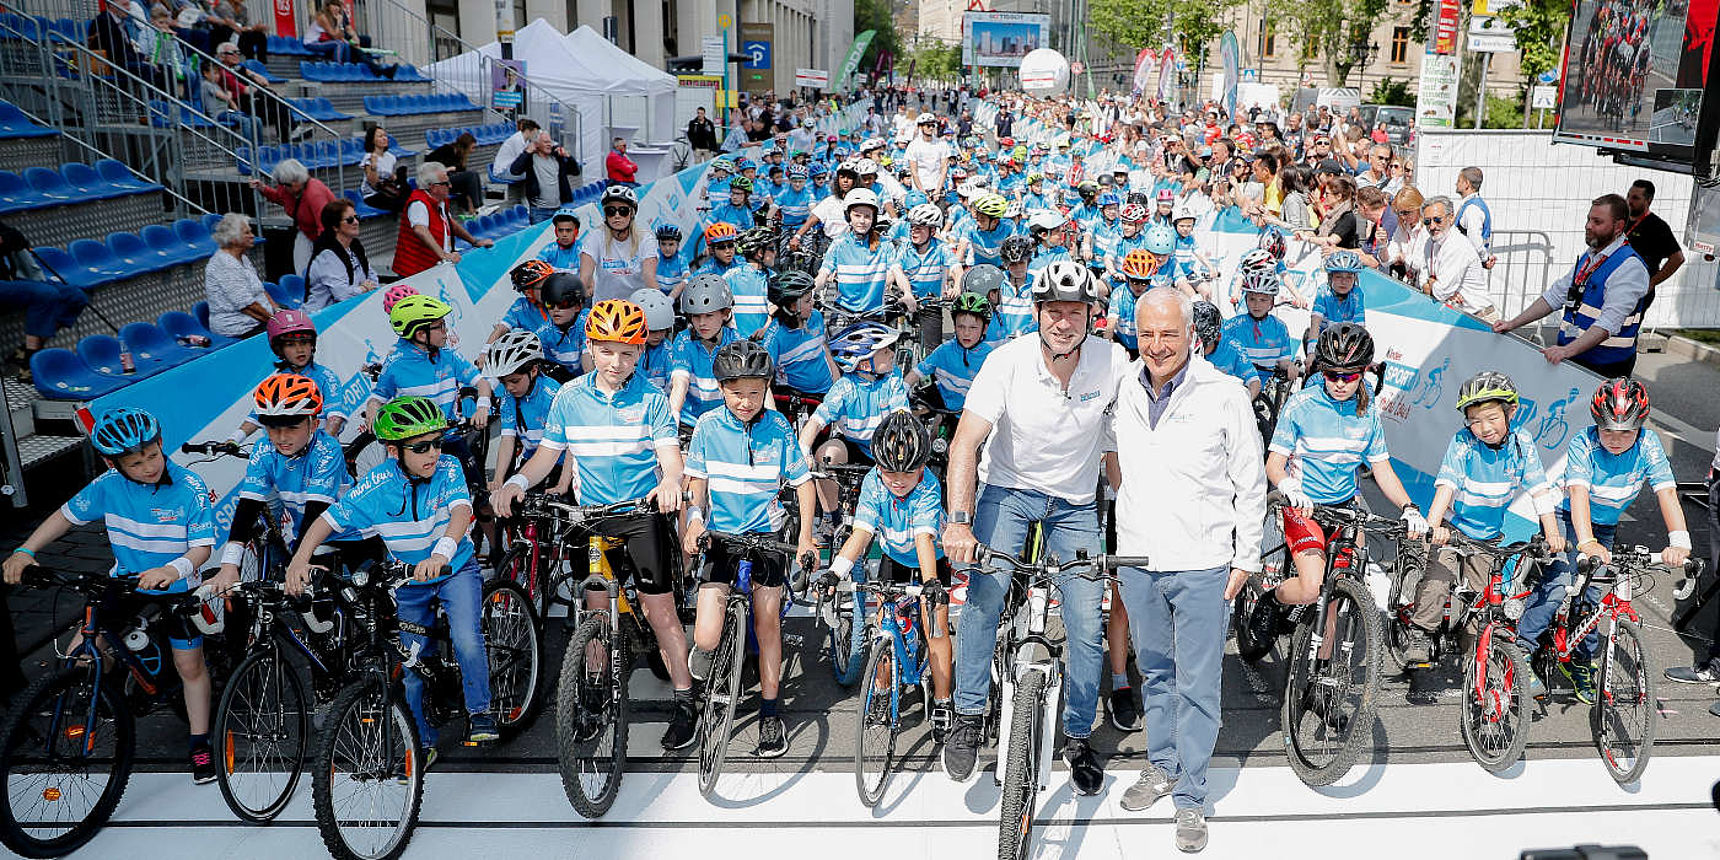 kinder+Sport mini tour Bike Parade